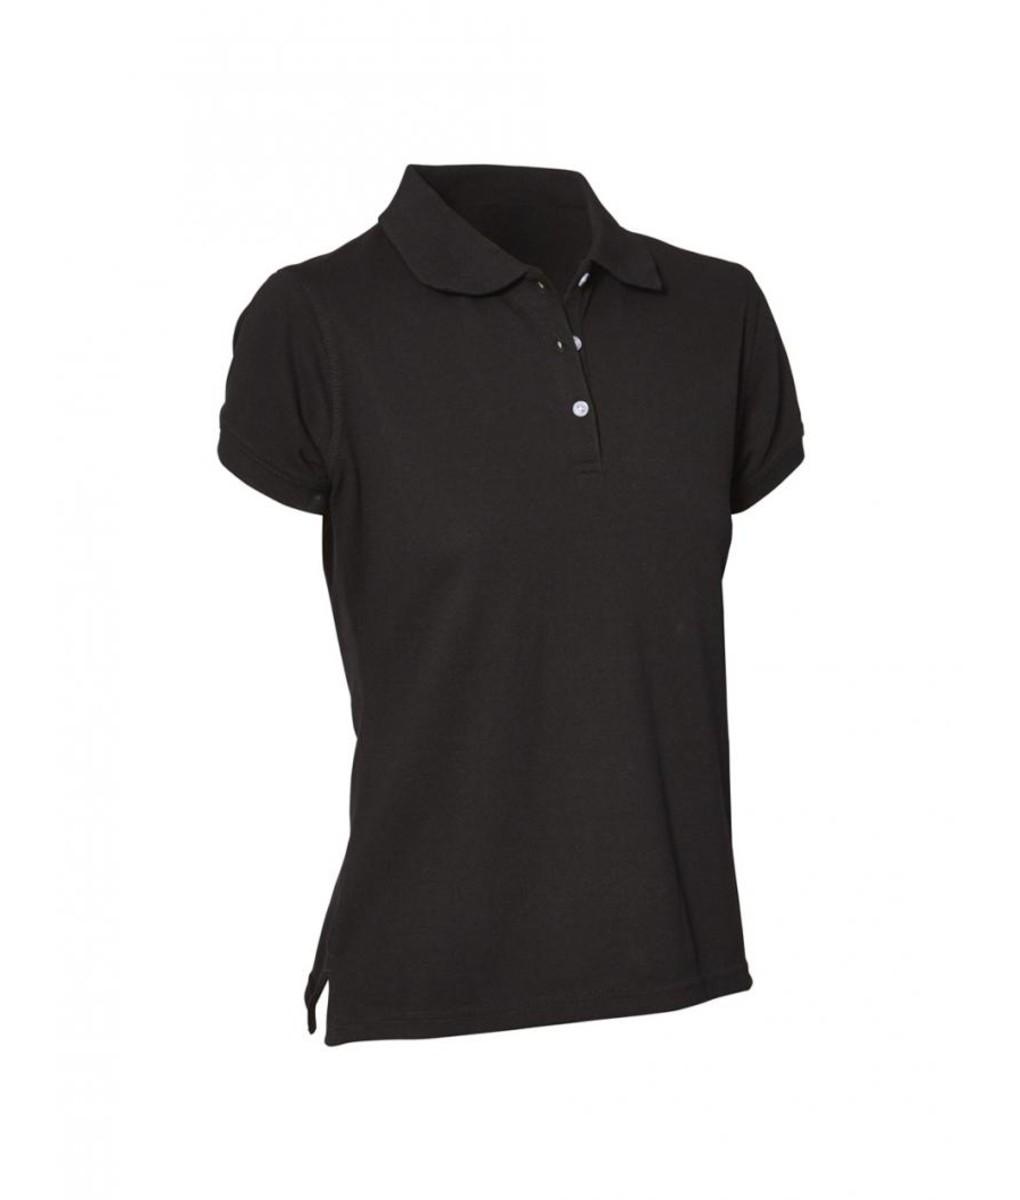 Ladies Polo Shirt - Black by Club Chef